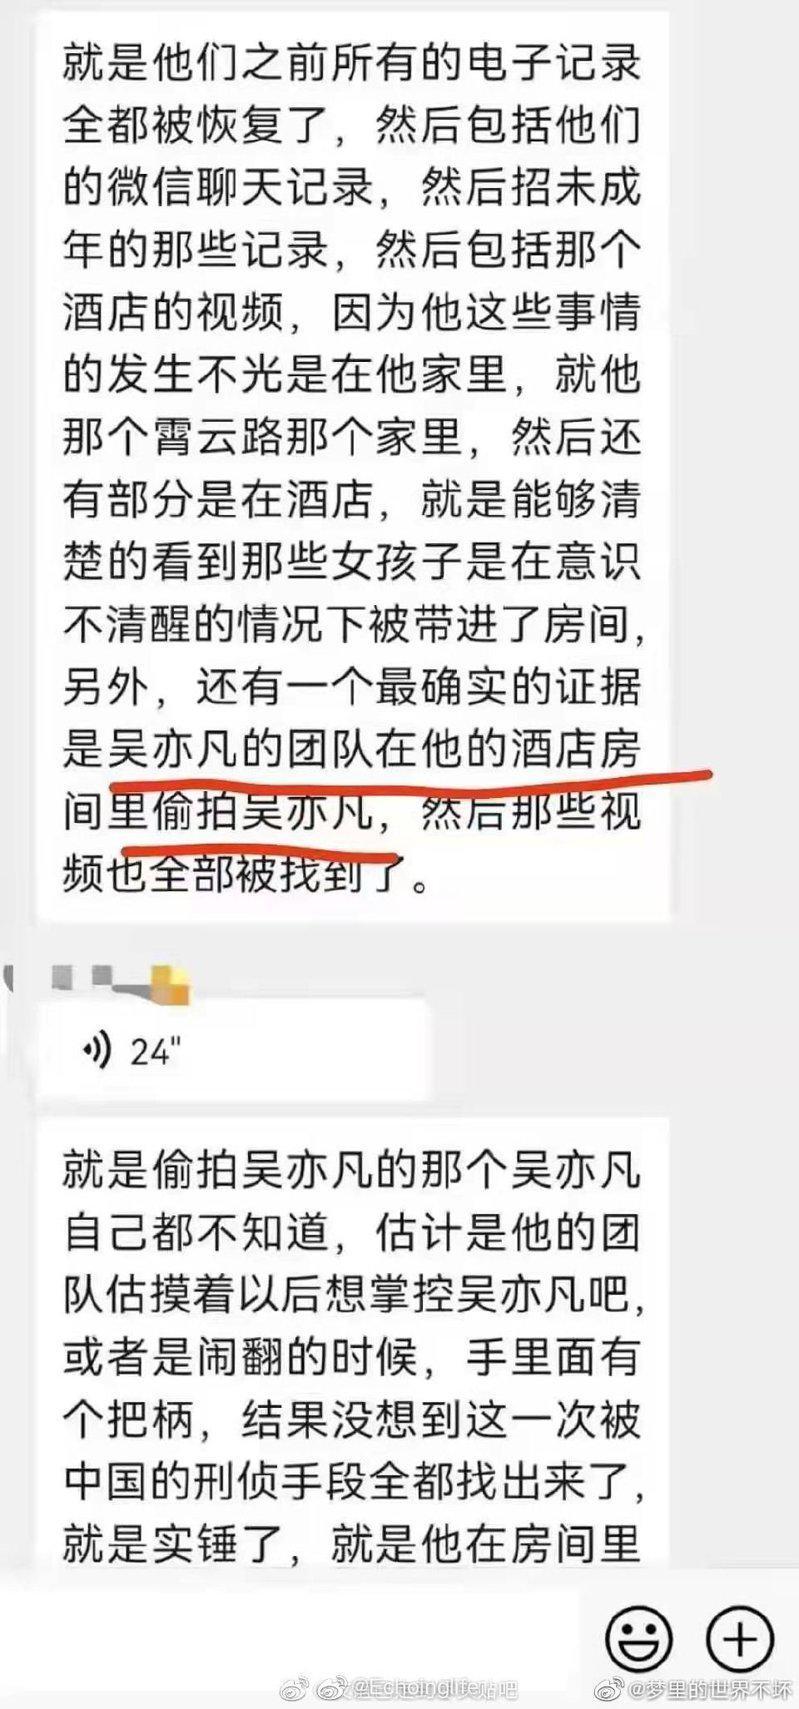 網友爆料吳亦凡被團隊錄下犯罪證據。(取材自微博)